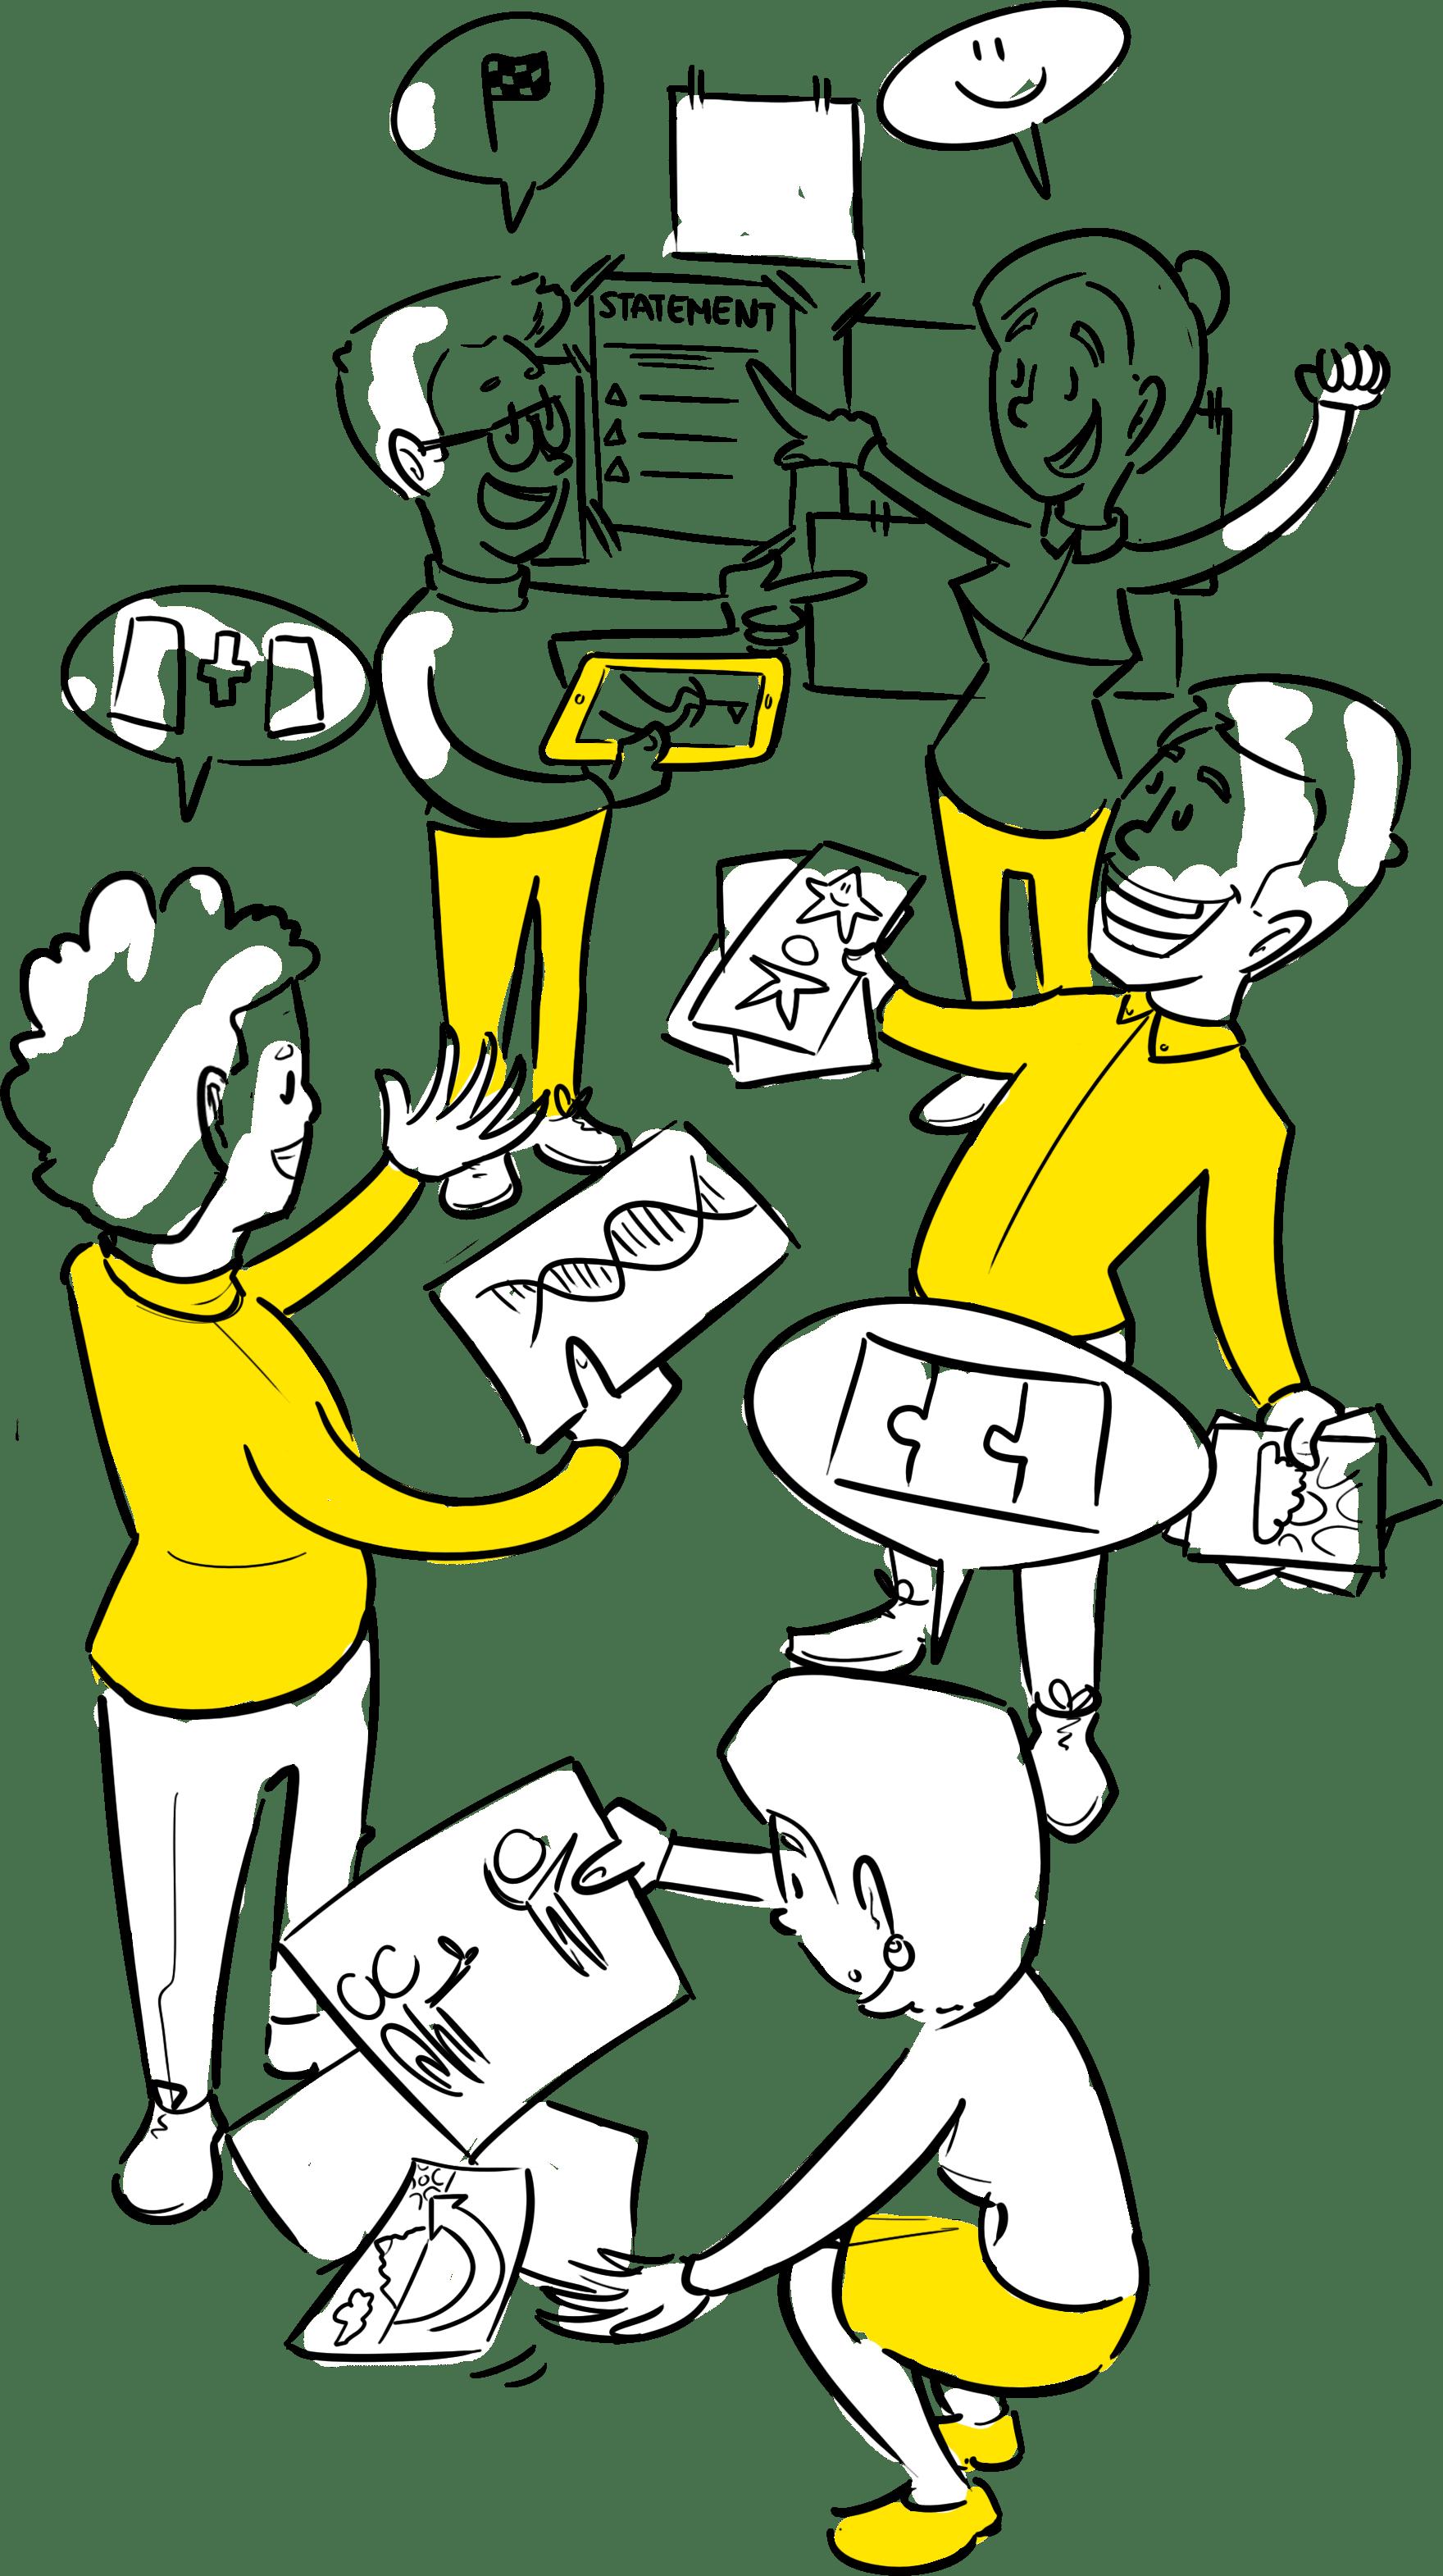 gedeeld beeld ontwikkelen praatplaat tekenen strategie uitwerken visieplaat maken